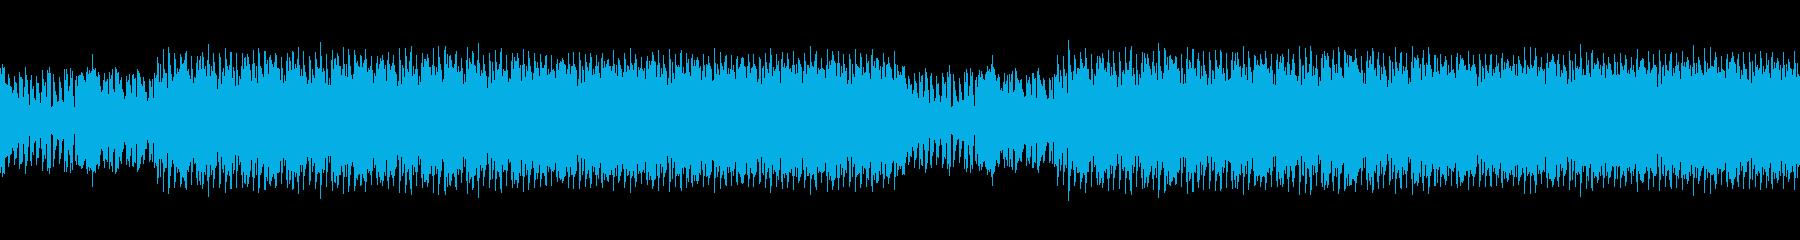 陶酔感のある幻想的なディープハウスループの再生済みの波形